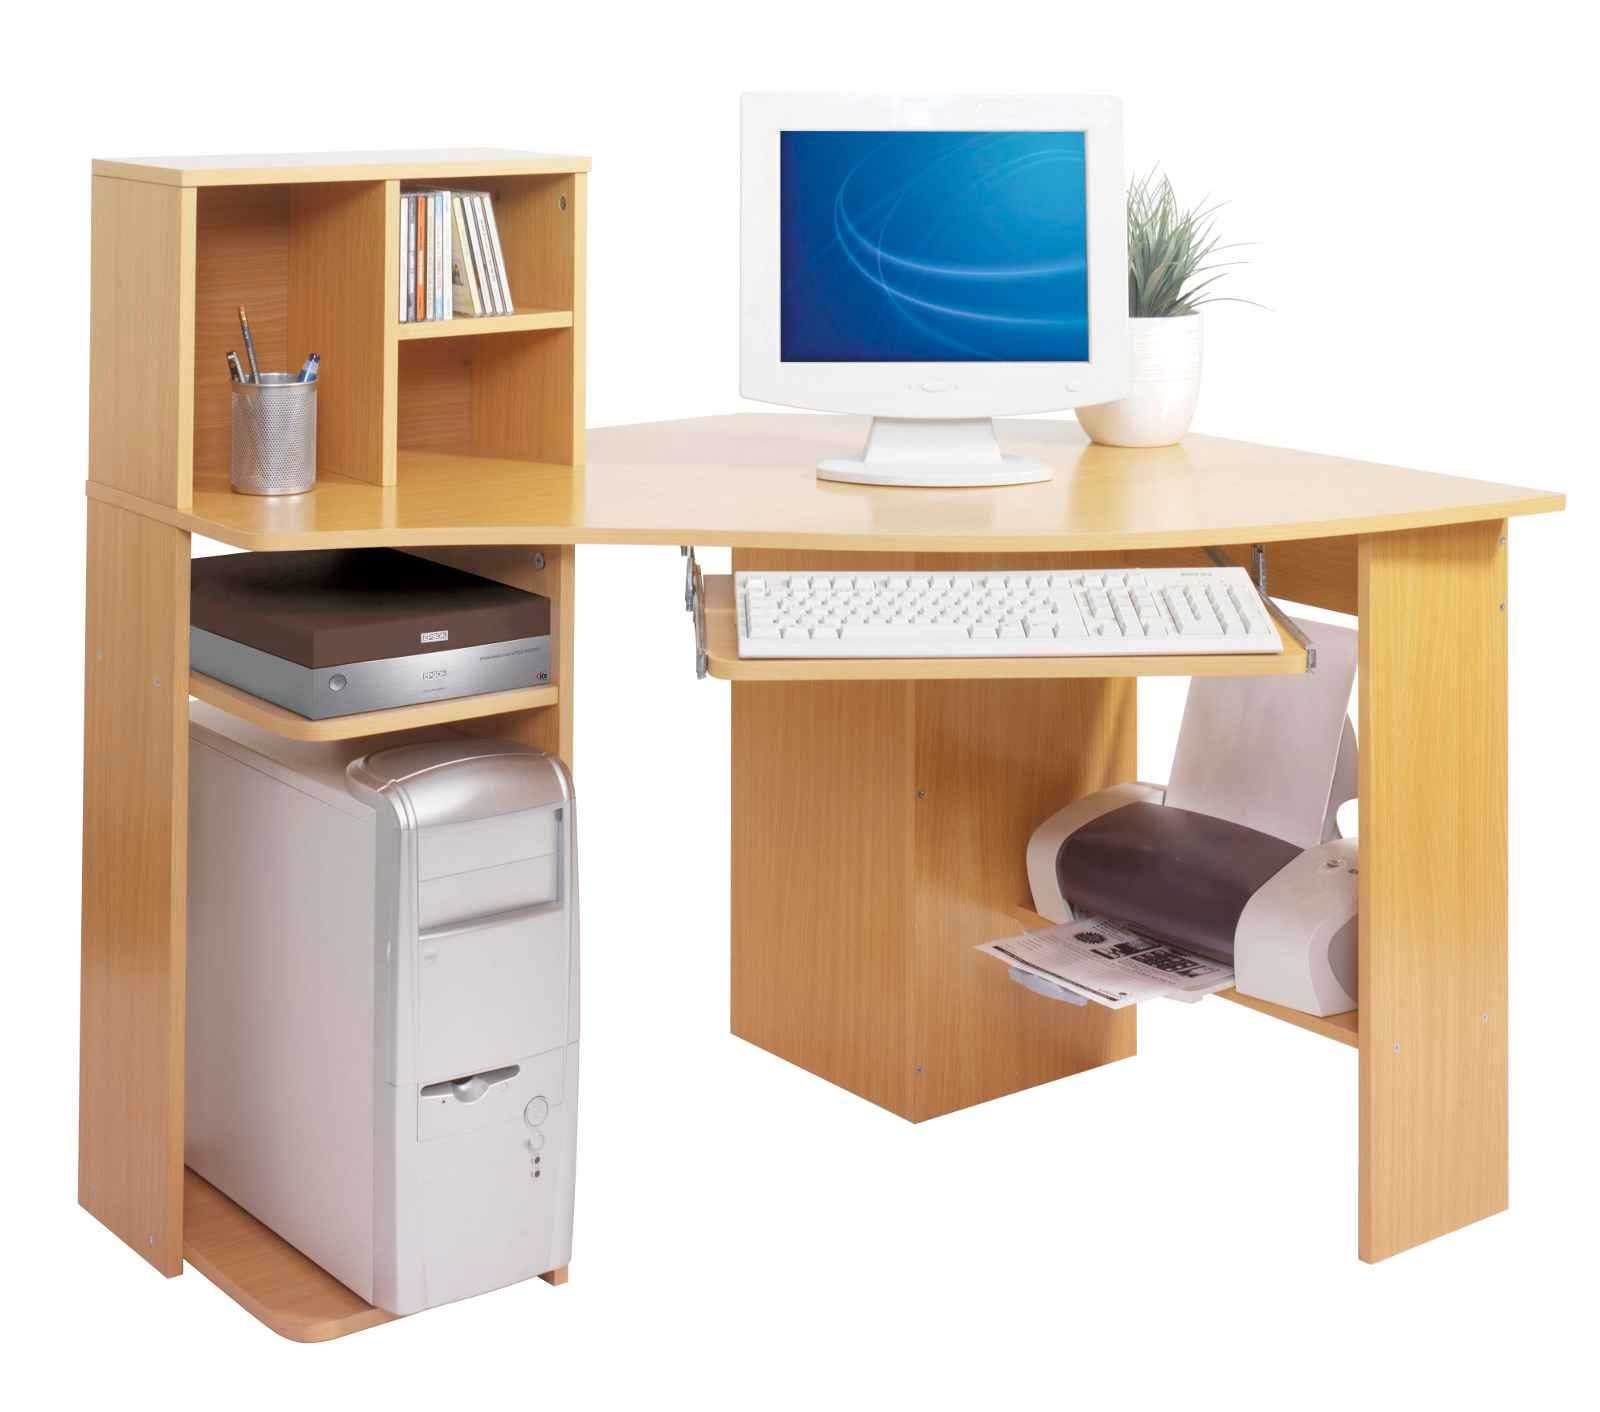 Memilih Meja Komputer Tak Boleh Sembarangan, Ini Dia Tipsnya!